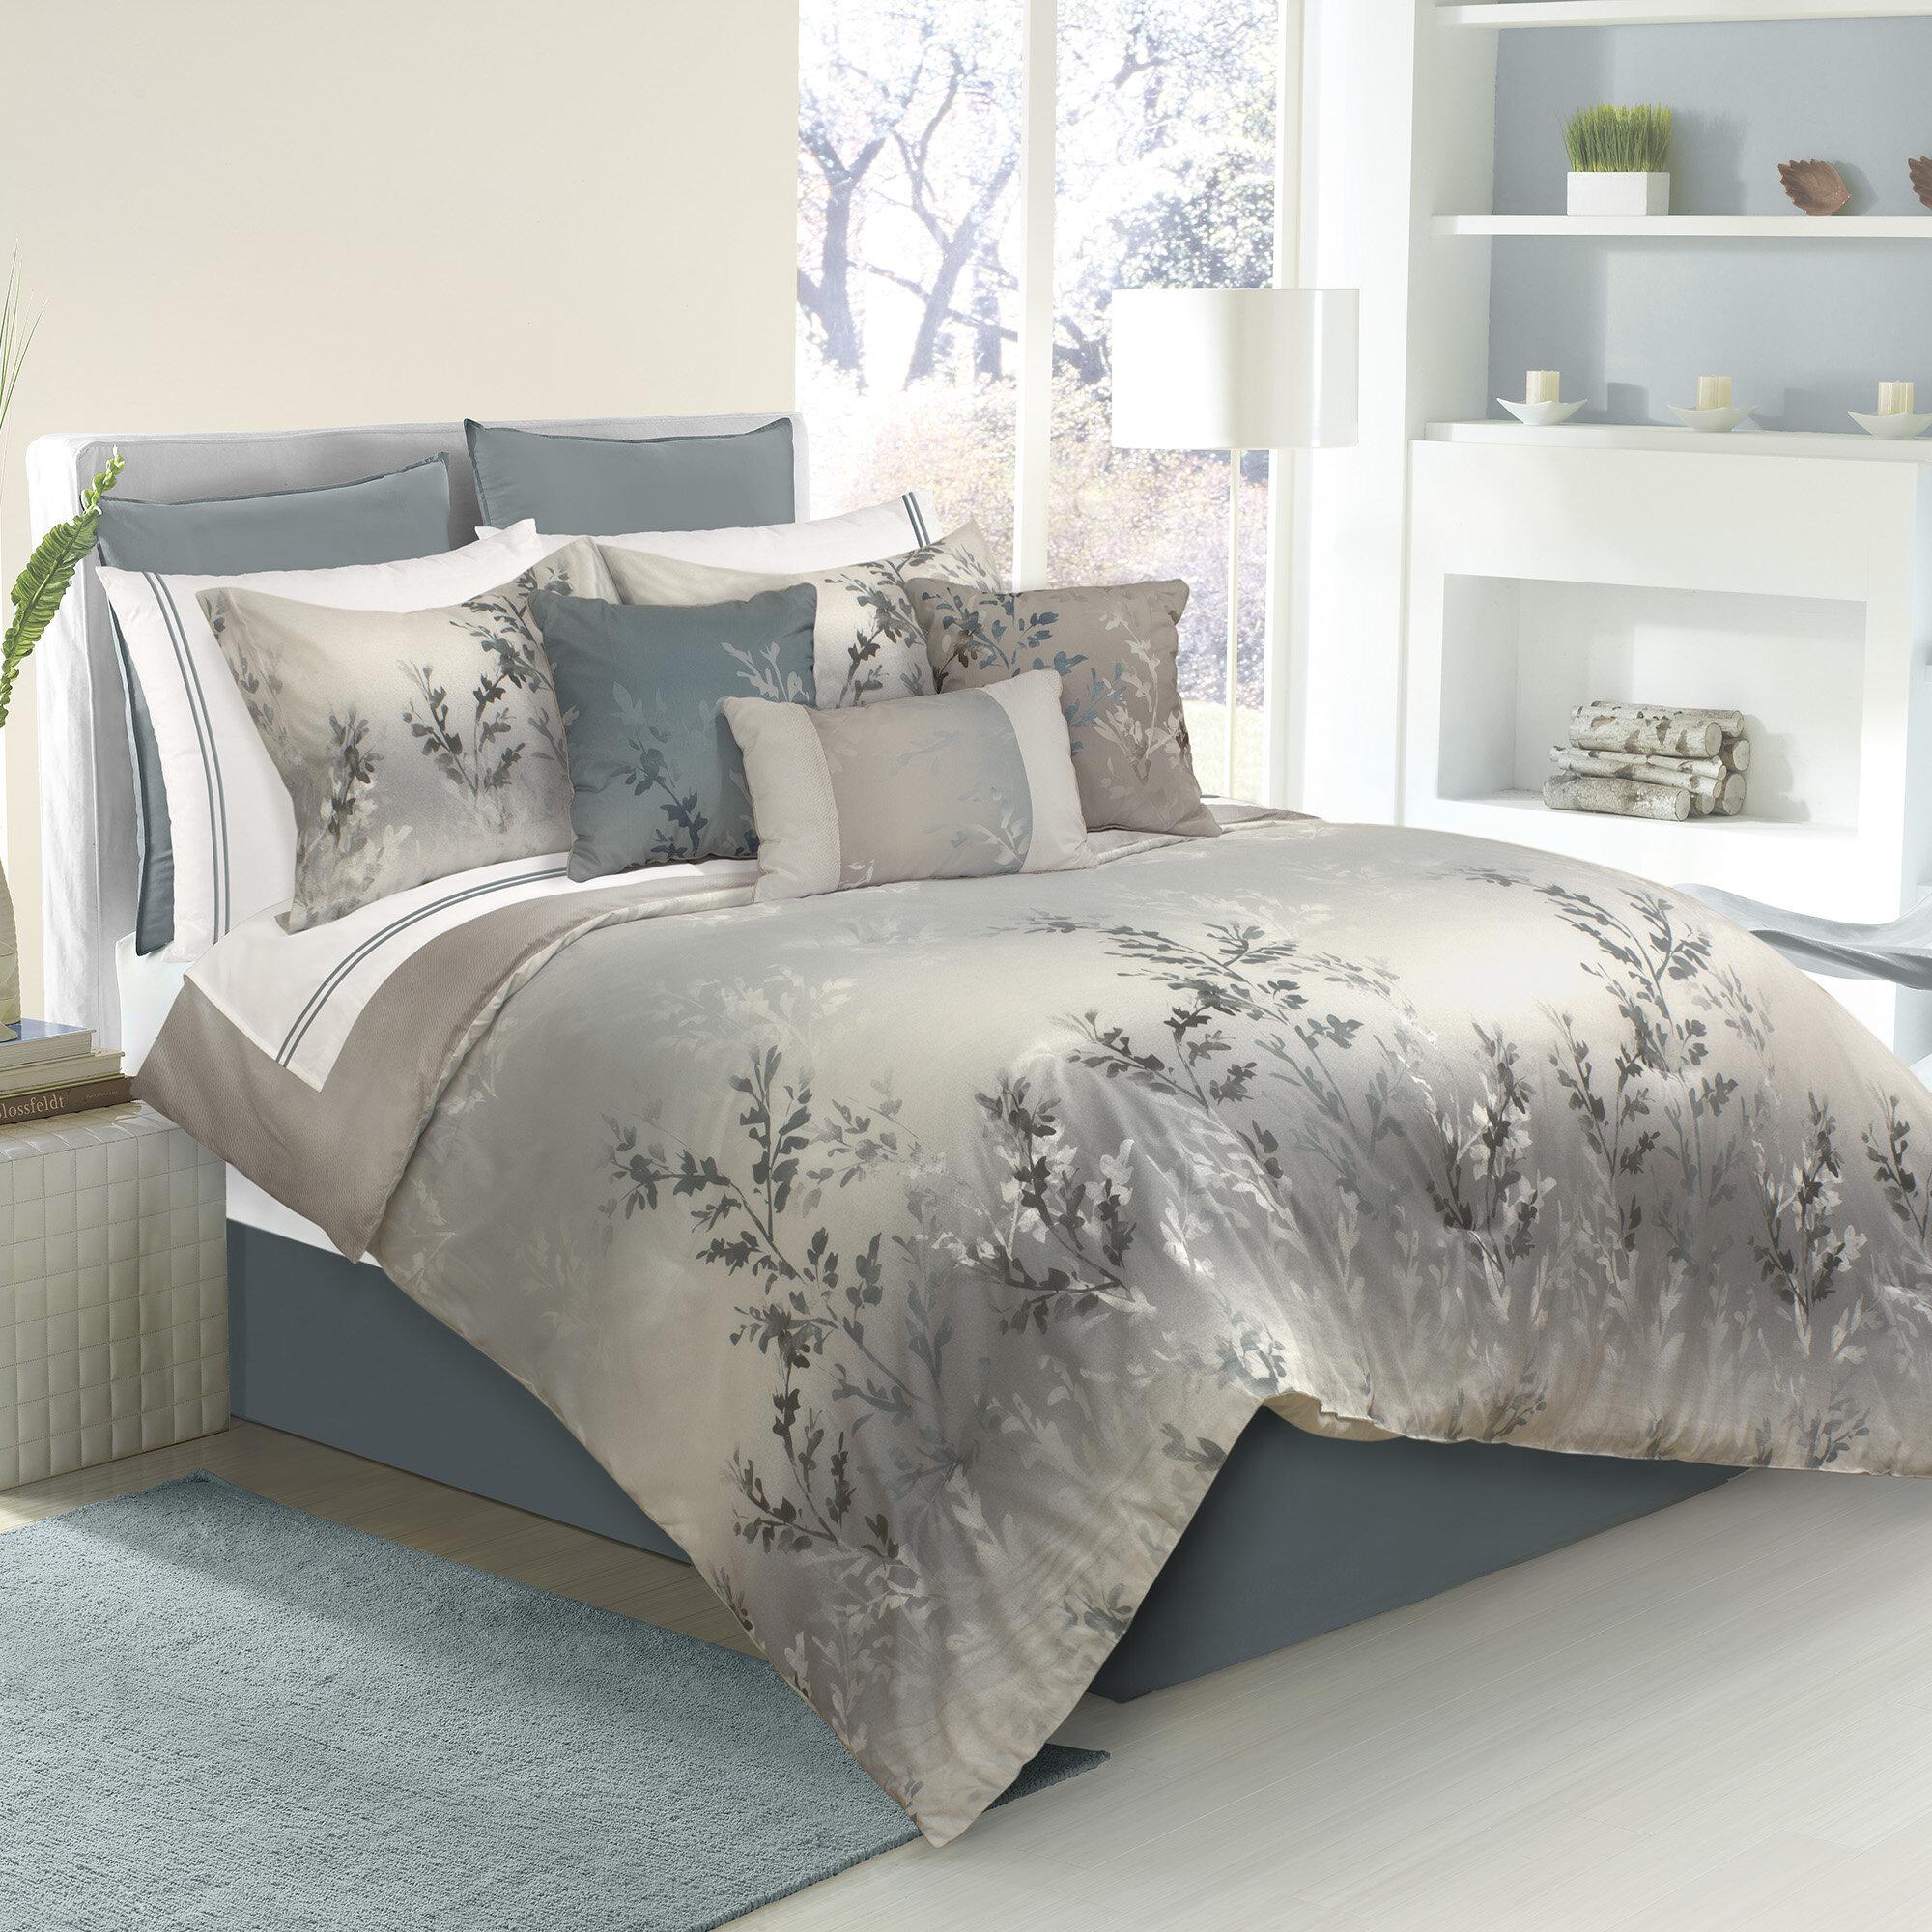 Alcott Hill Trembley 7 Piece King Comforter Set Reviews Wayfair